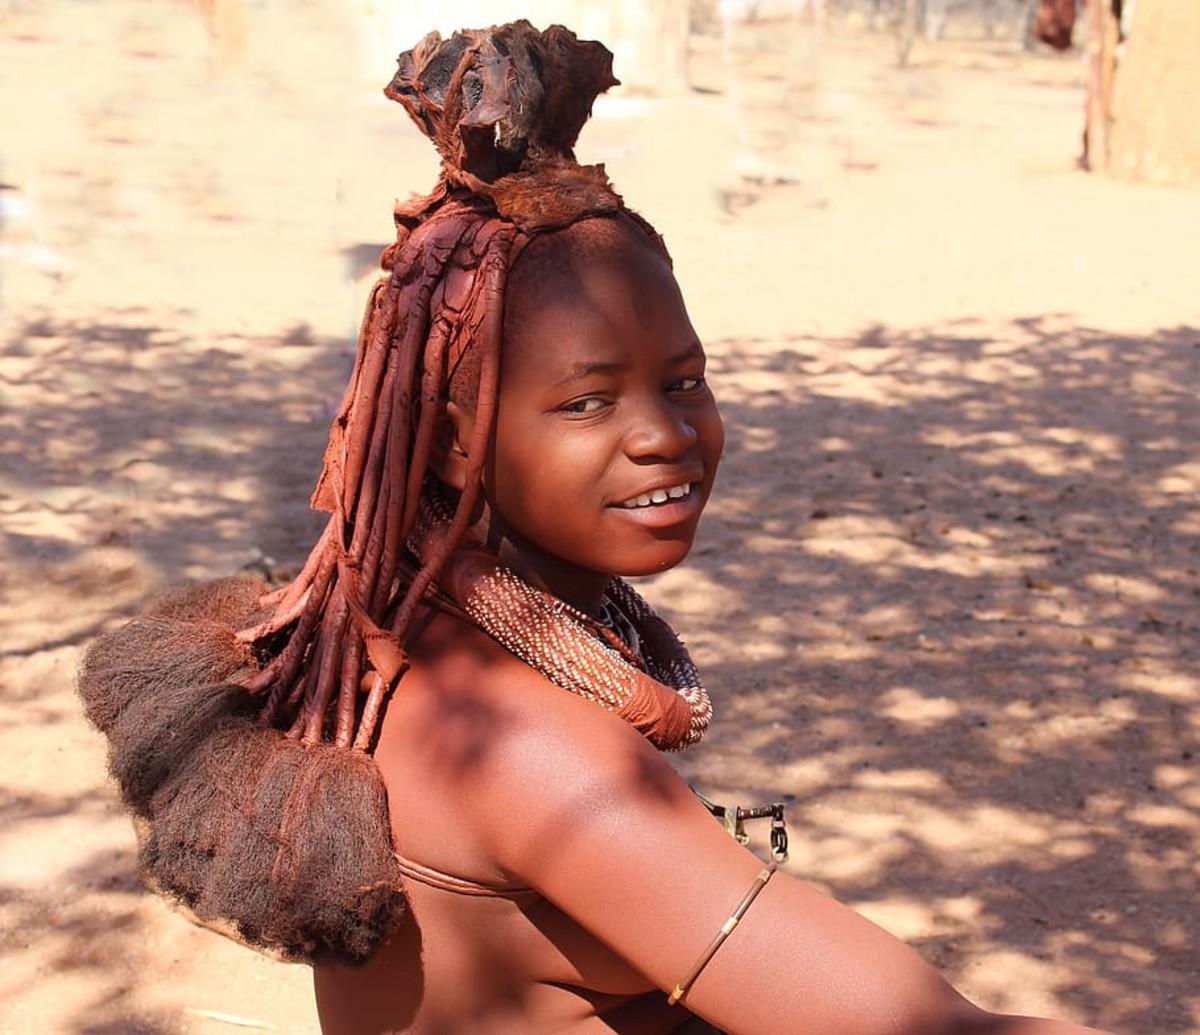 Namibian child wearing necklace